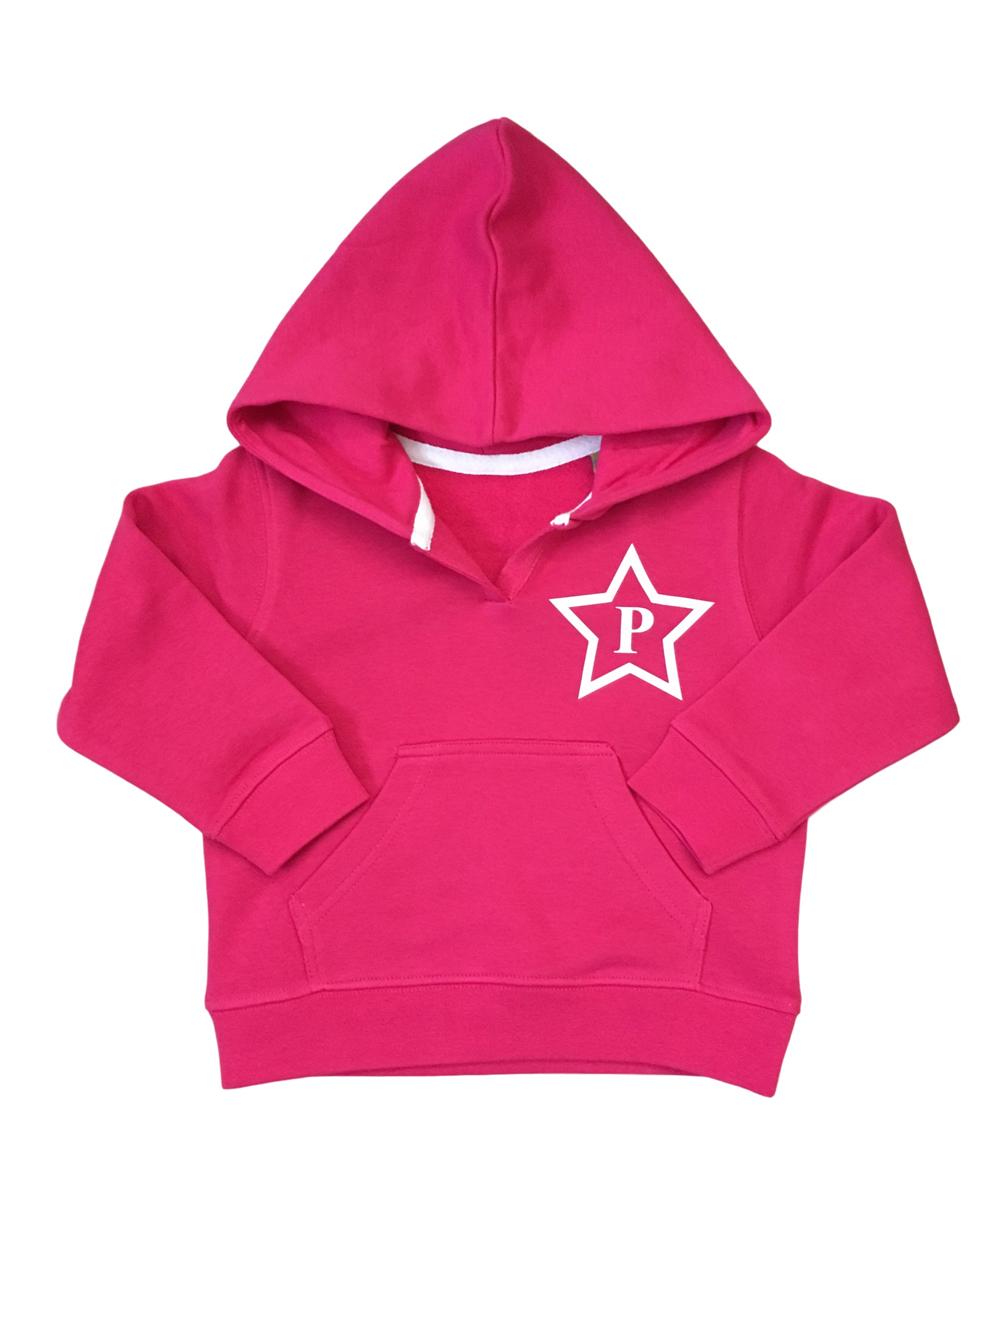 Star Initial Hoodie